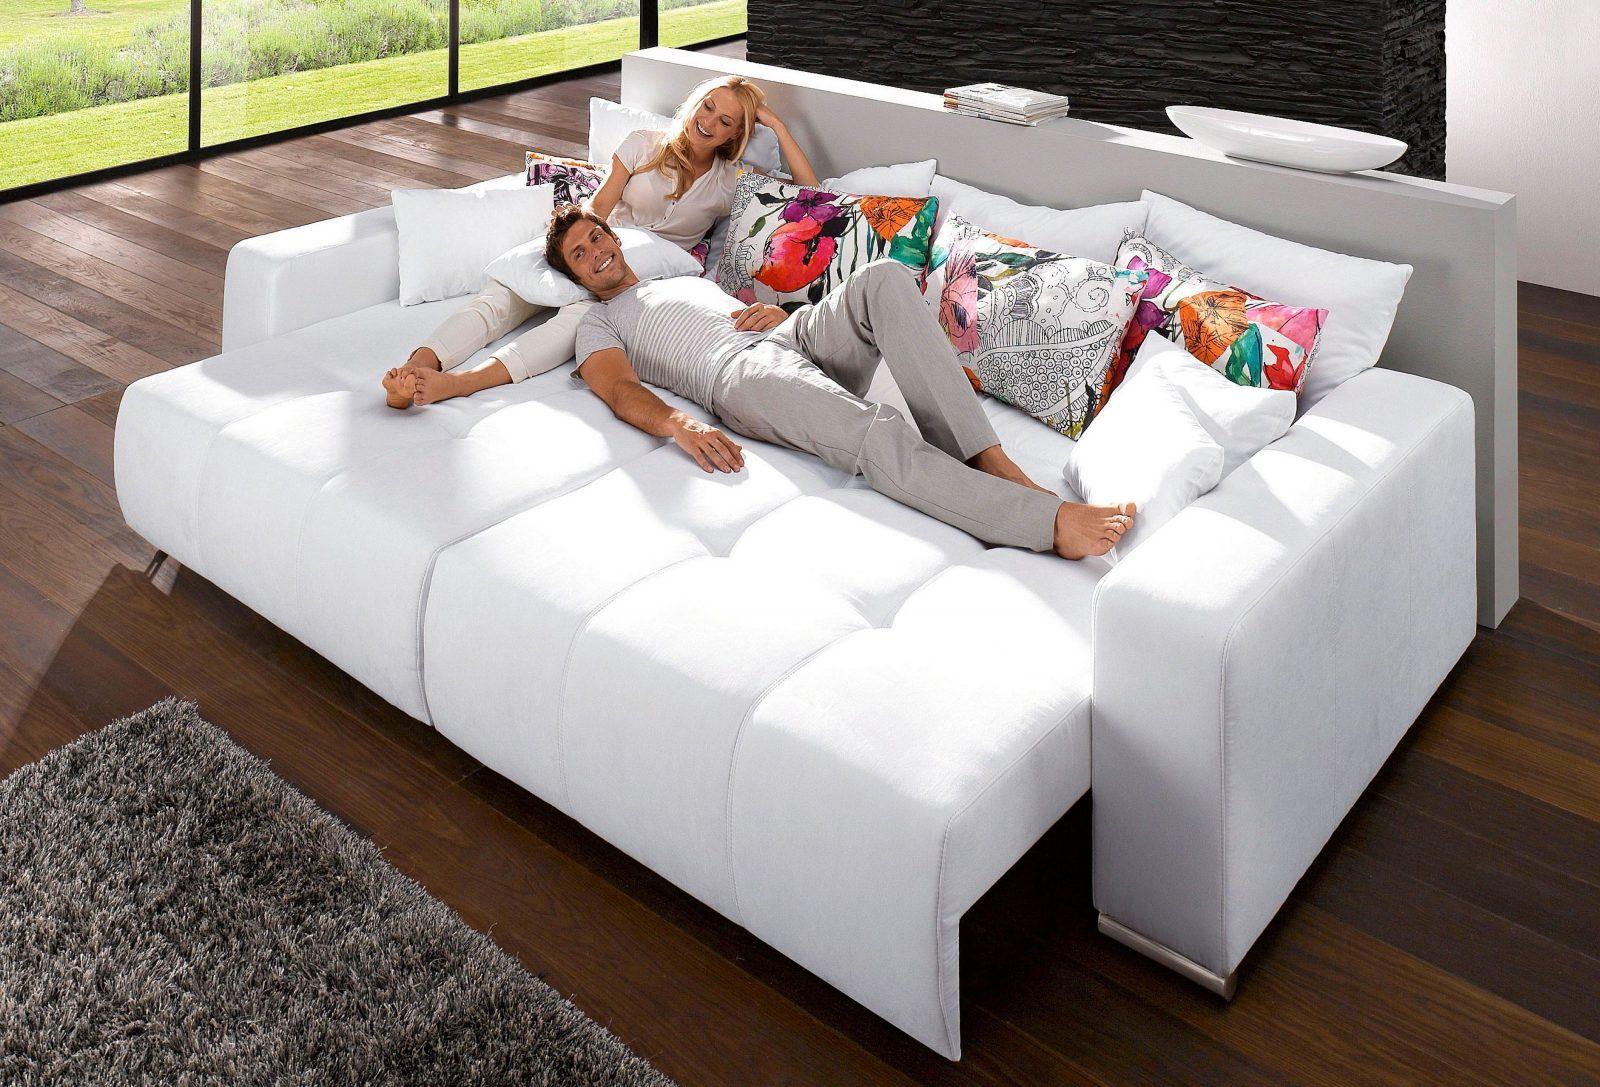 Billig Big Sofa Mit Schlaffunktion  Sofas In 2019  Sofa Big Sofas von Big Sofa Mit Schlaffunktion Und Bettkasten Photo